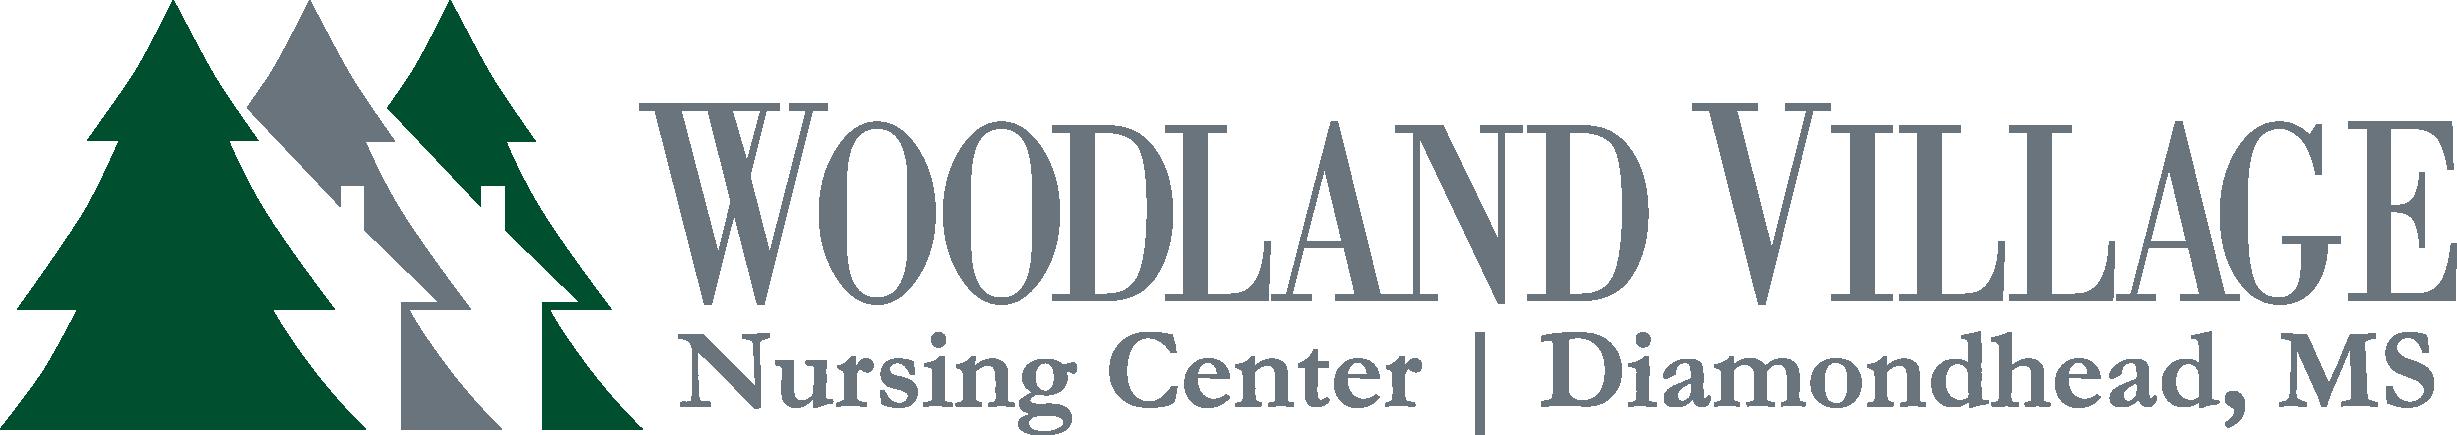 Woodland Village Nursing and Rehabilitation